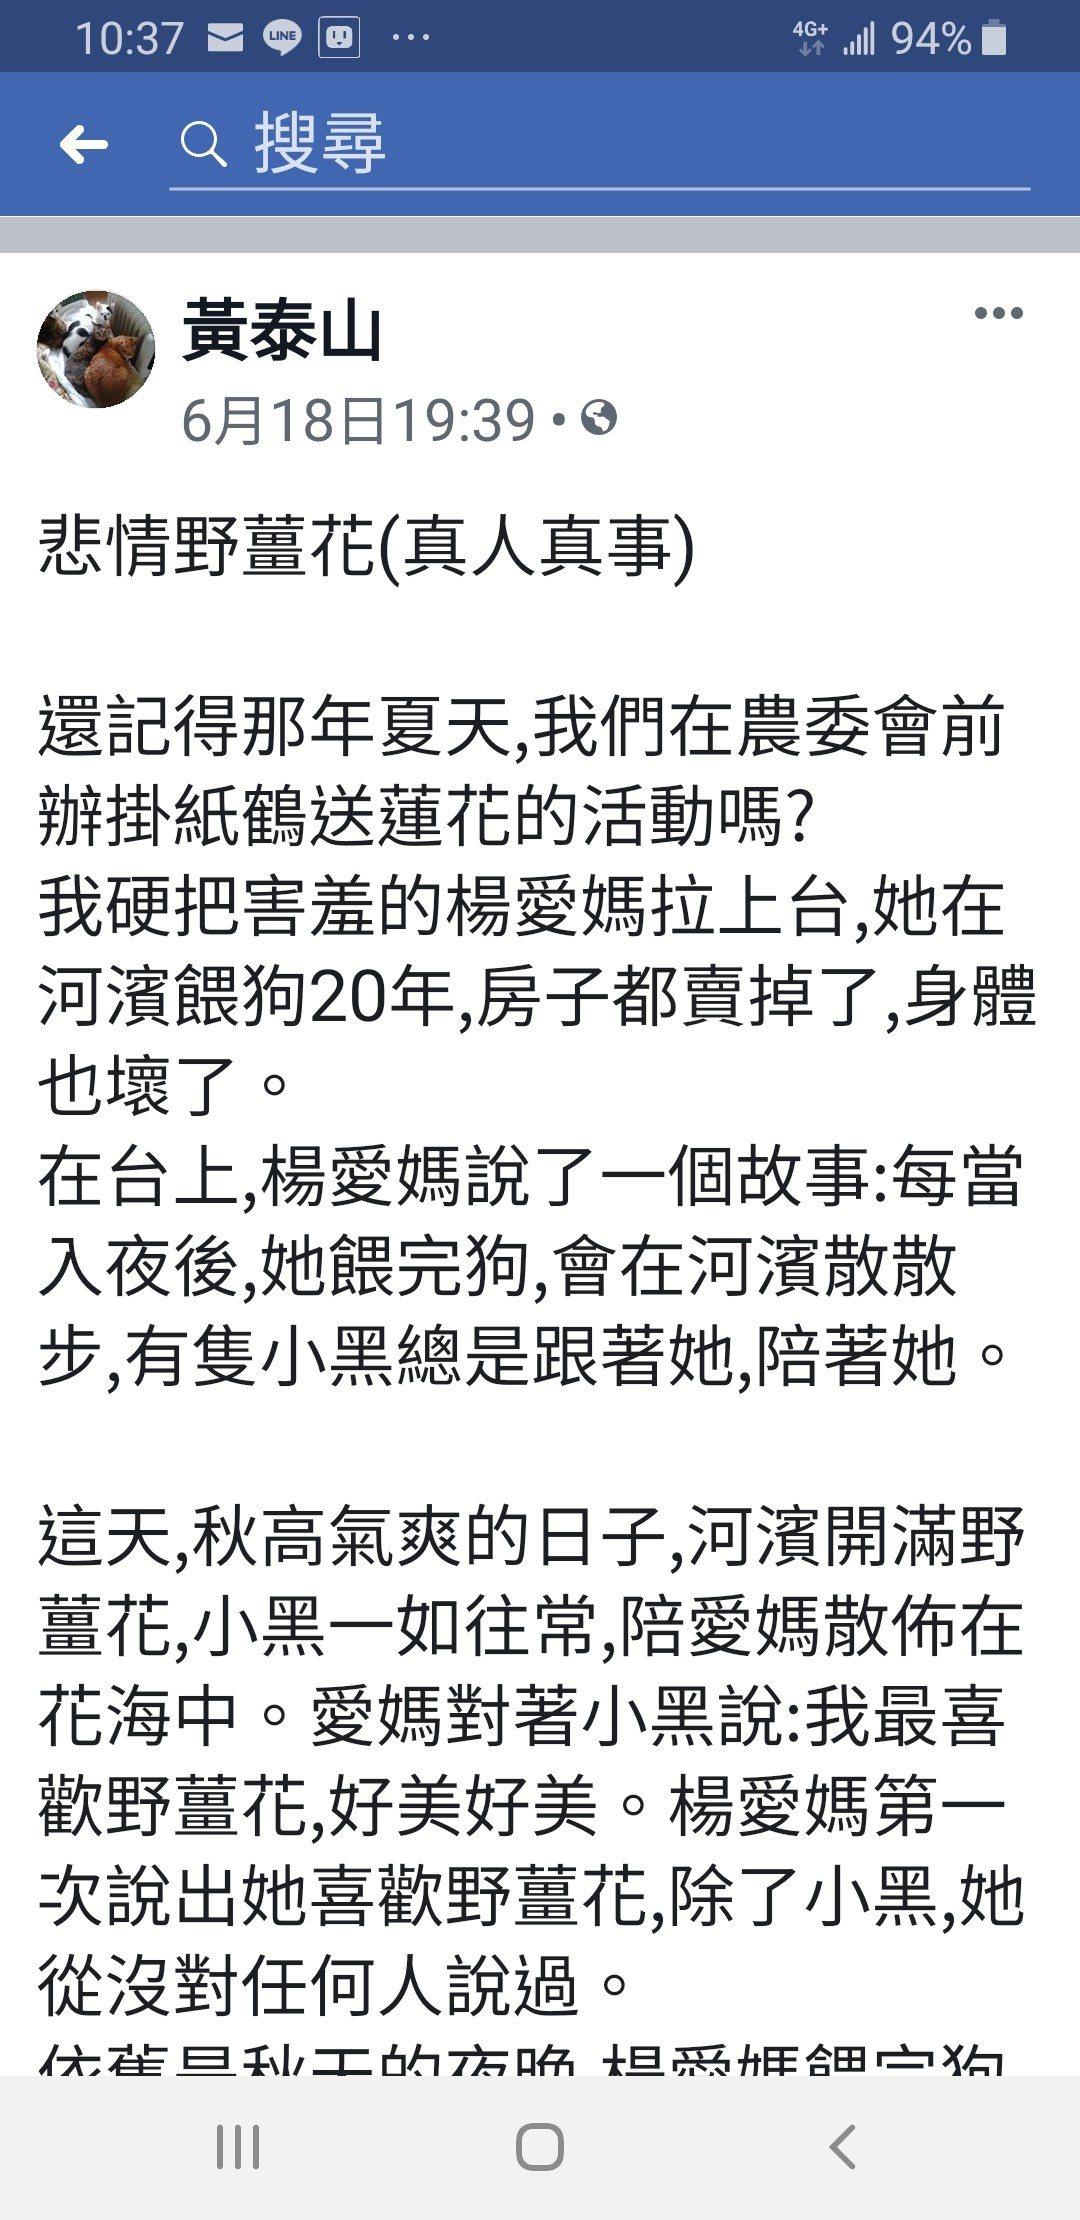 動保人士黃泰山在臉書上分享一則真人真事的故事。圖/取自臉書